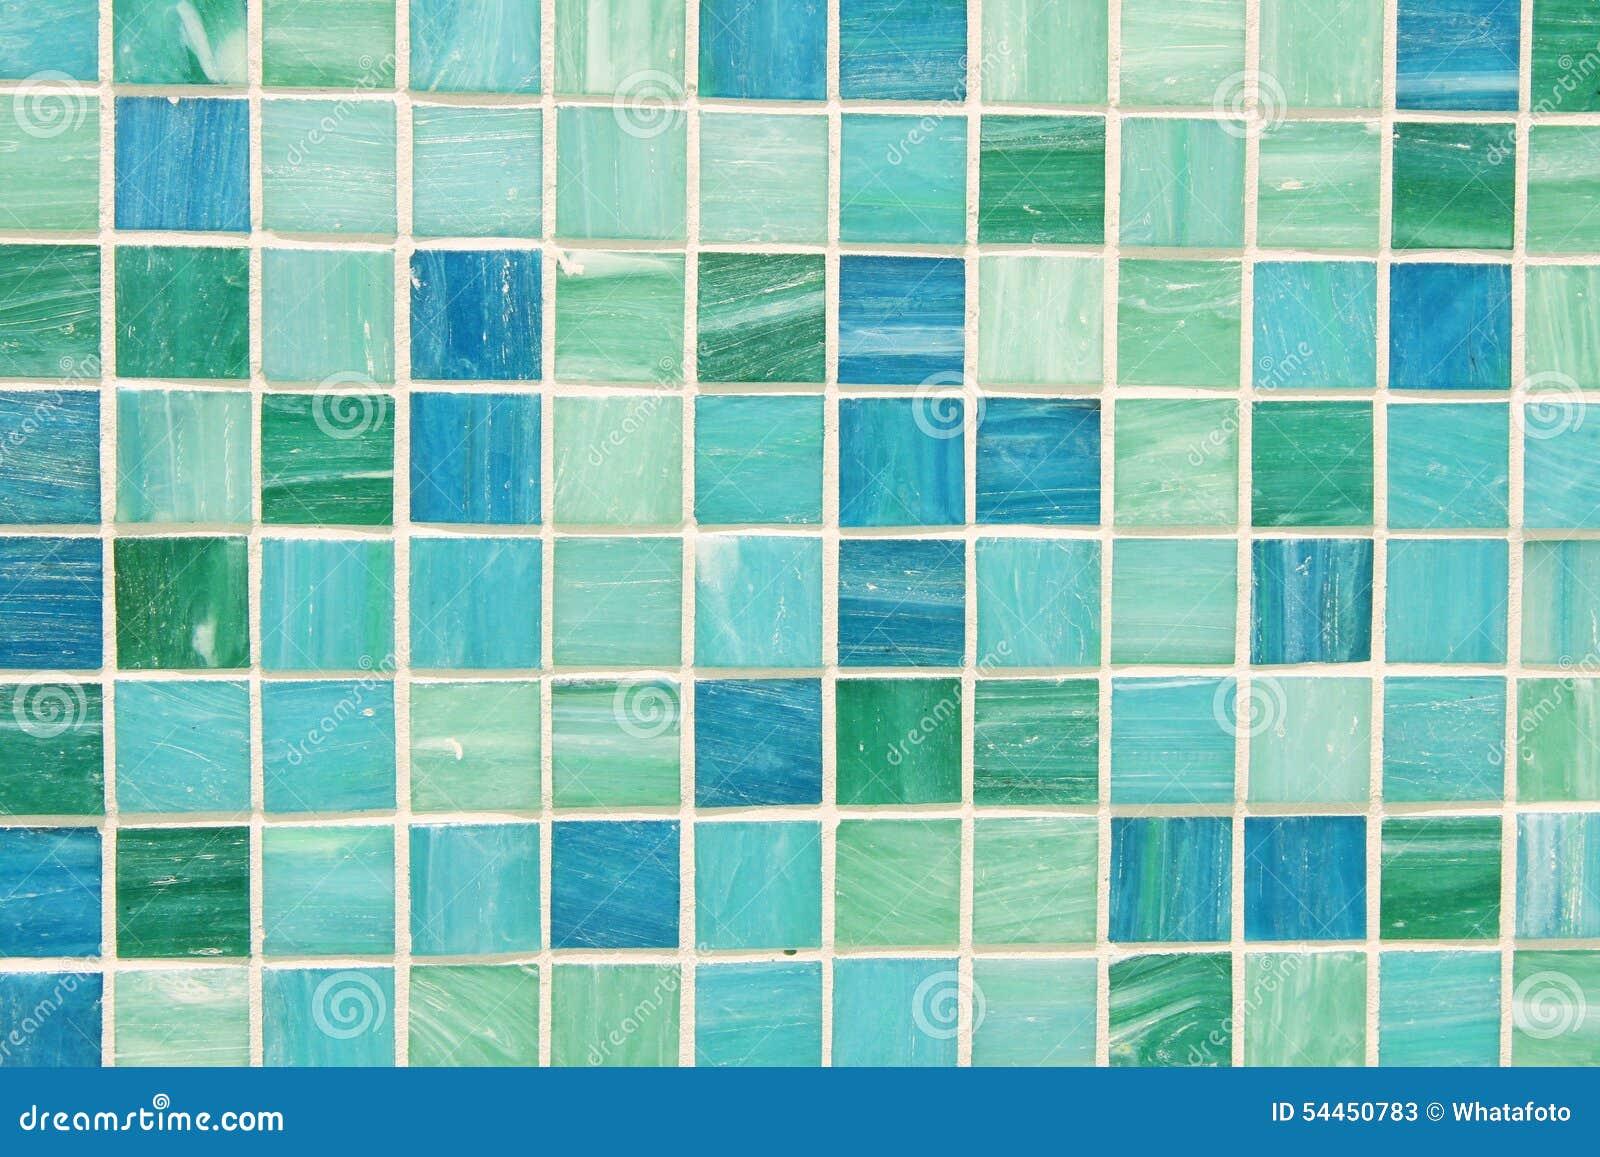 tuiles de mosaque dans le bleu de turquoise vert - Mosaique Turquoise